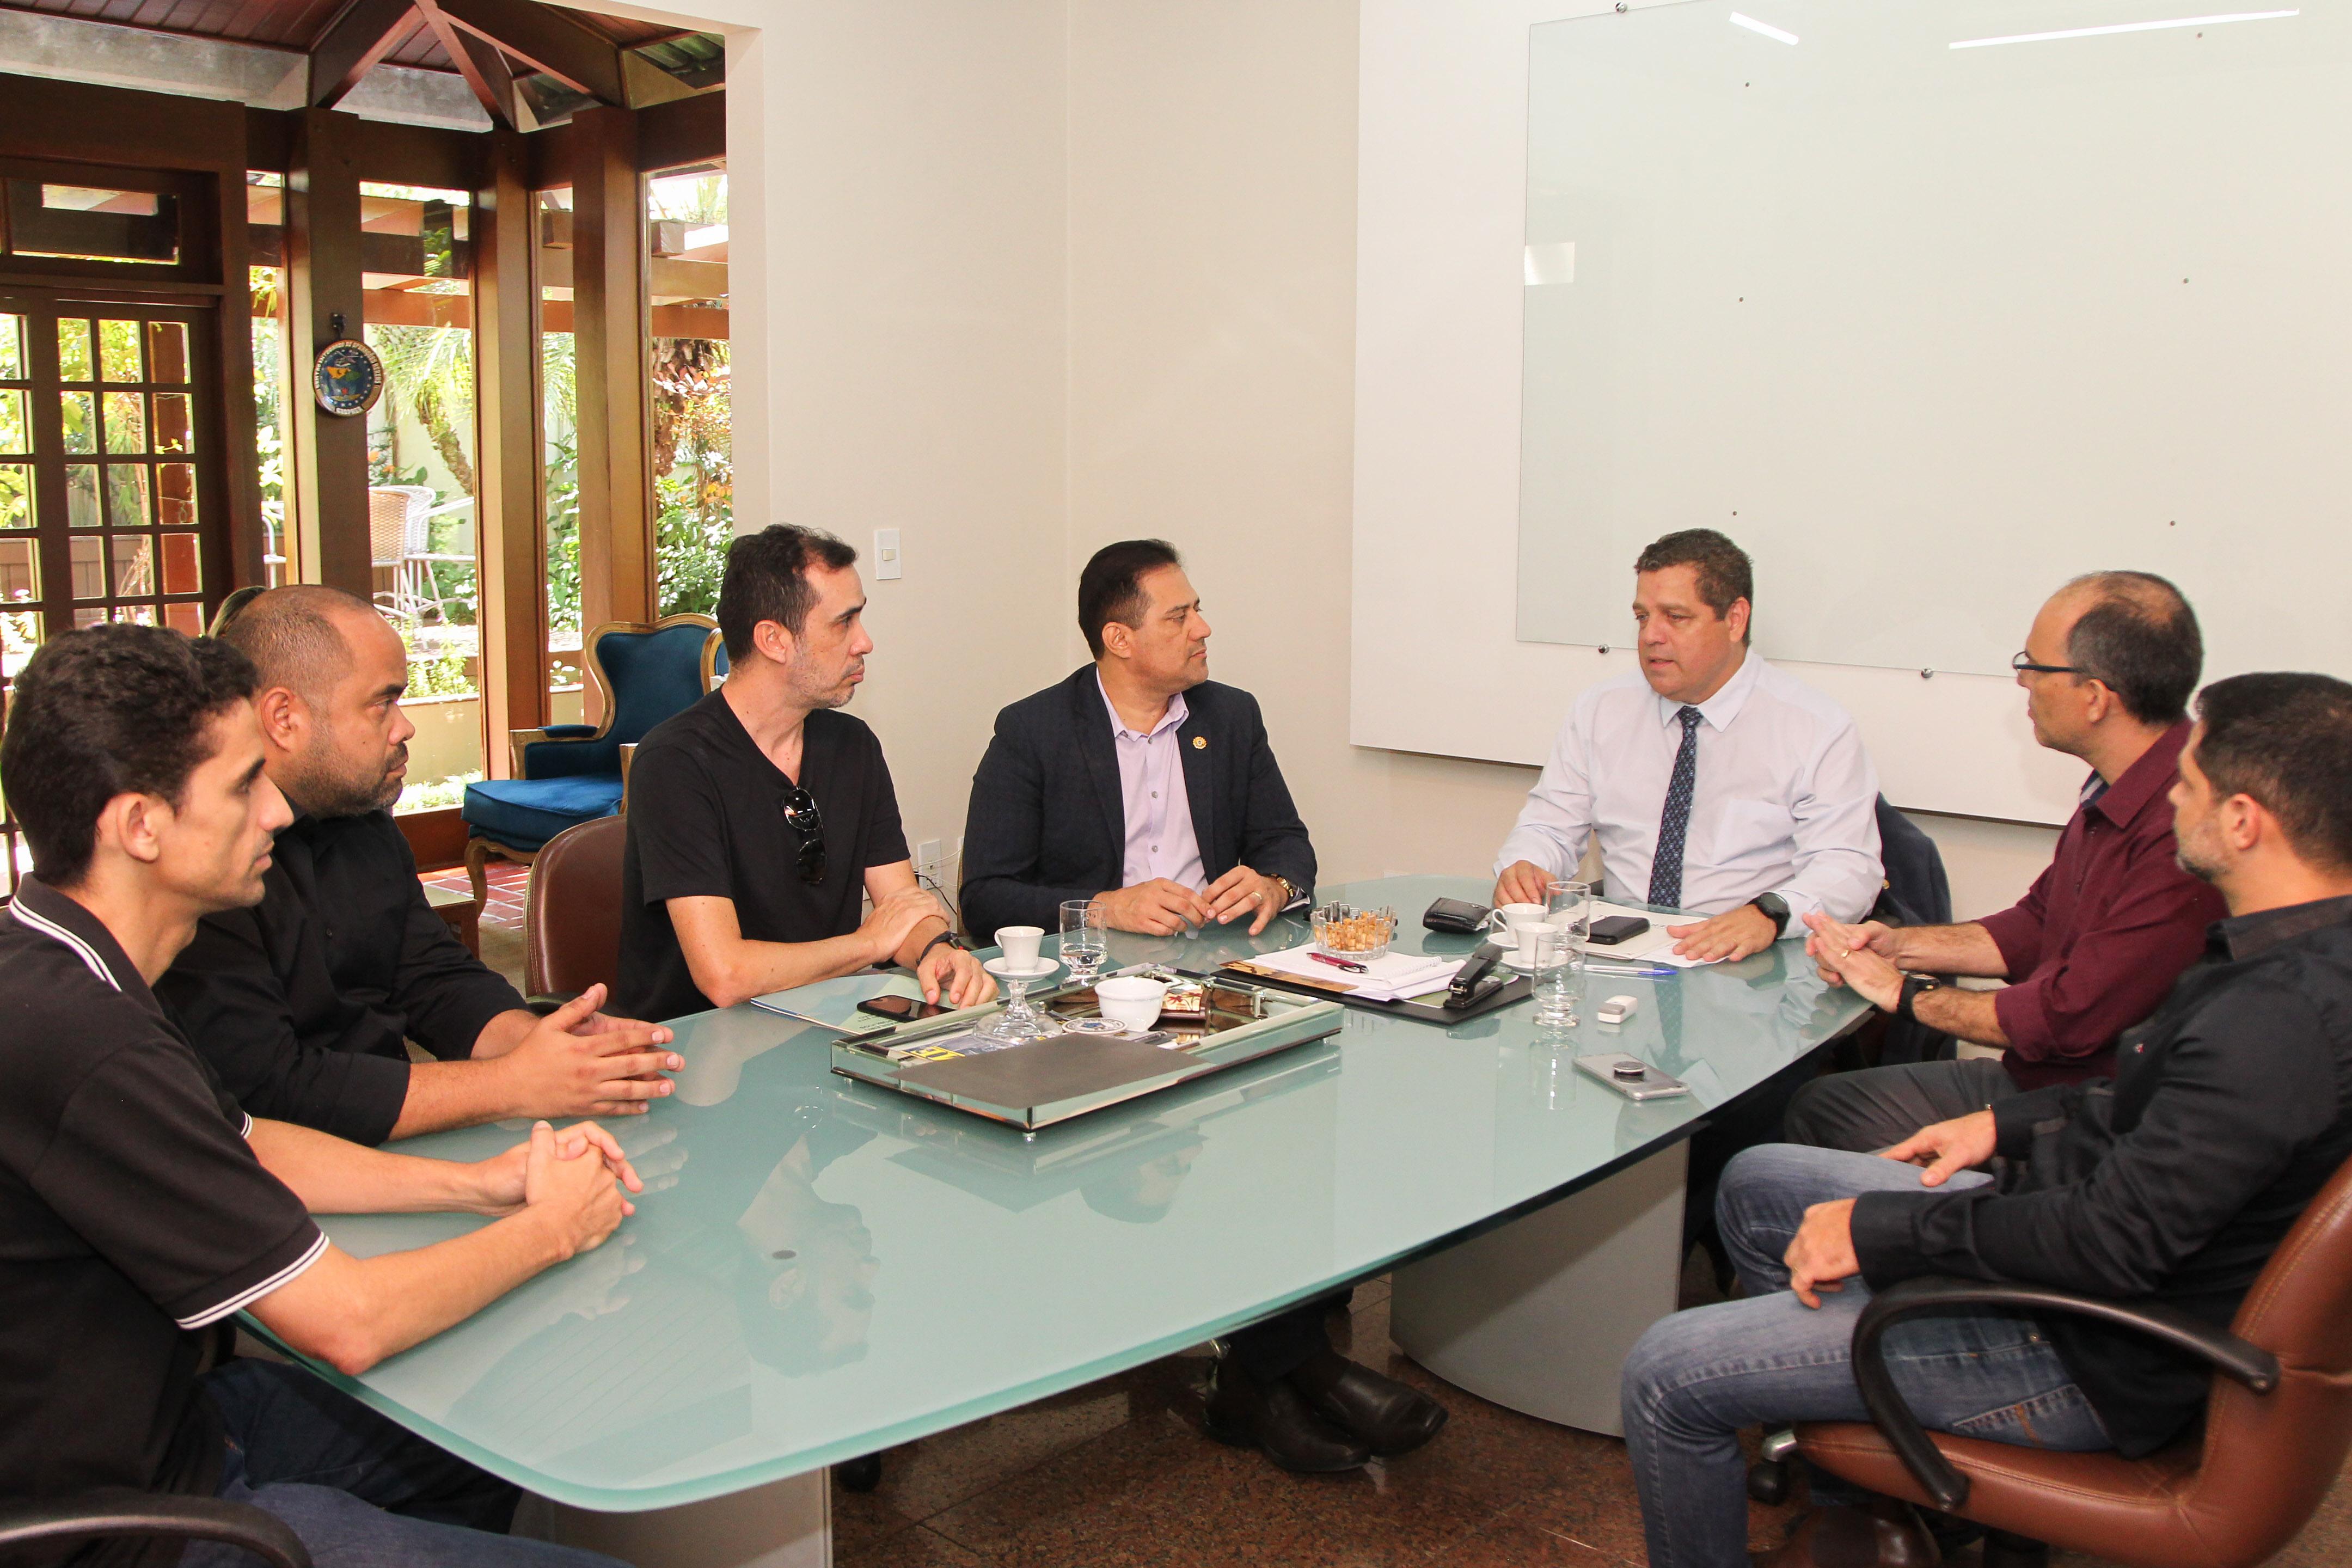 Major Rocha recebe gestores públicos e garante o andamento de reivindicações junto ao governo